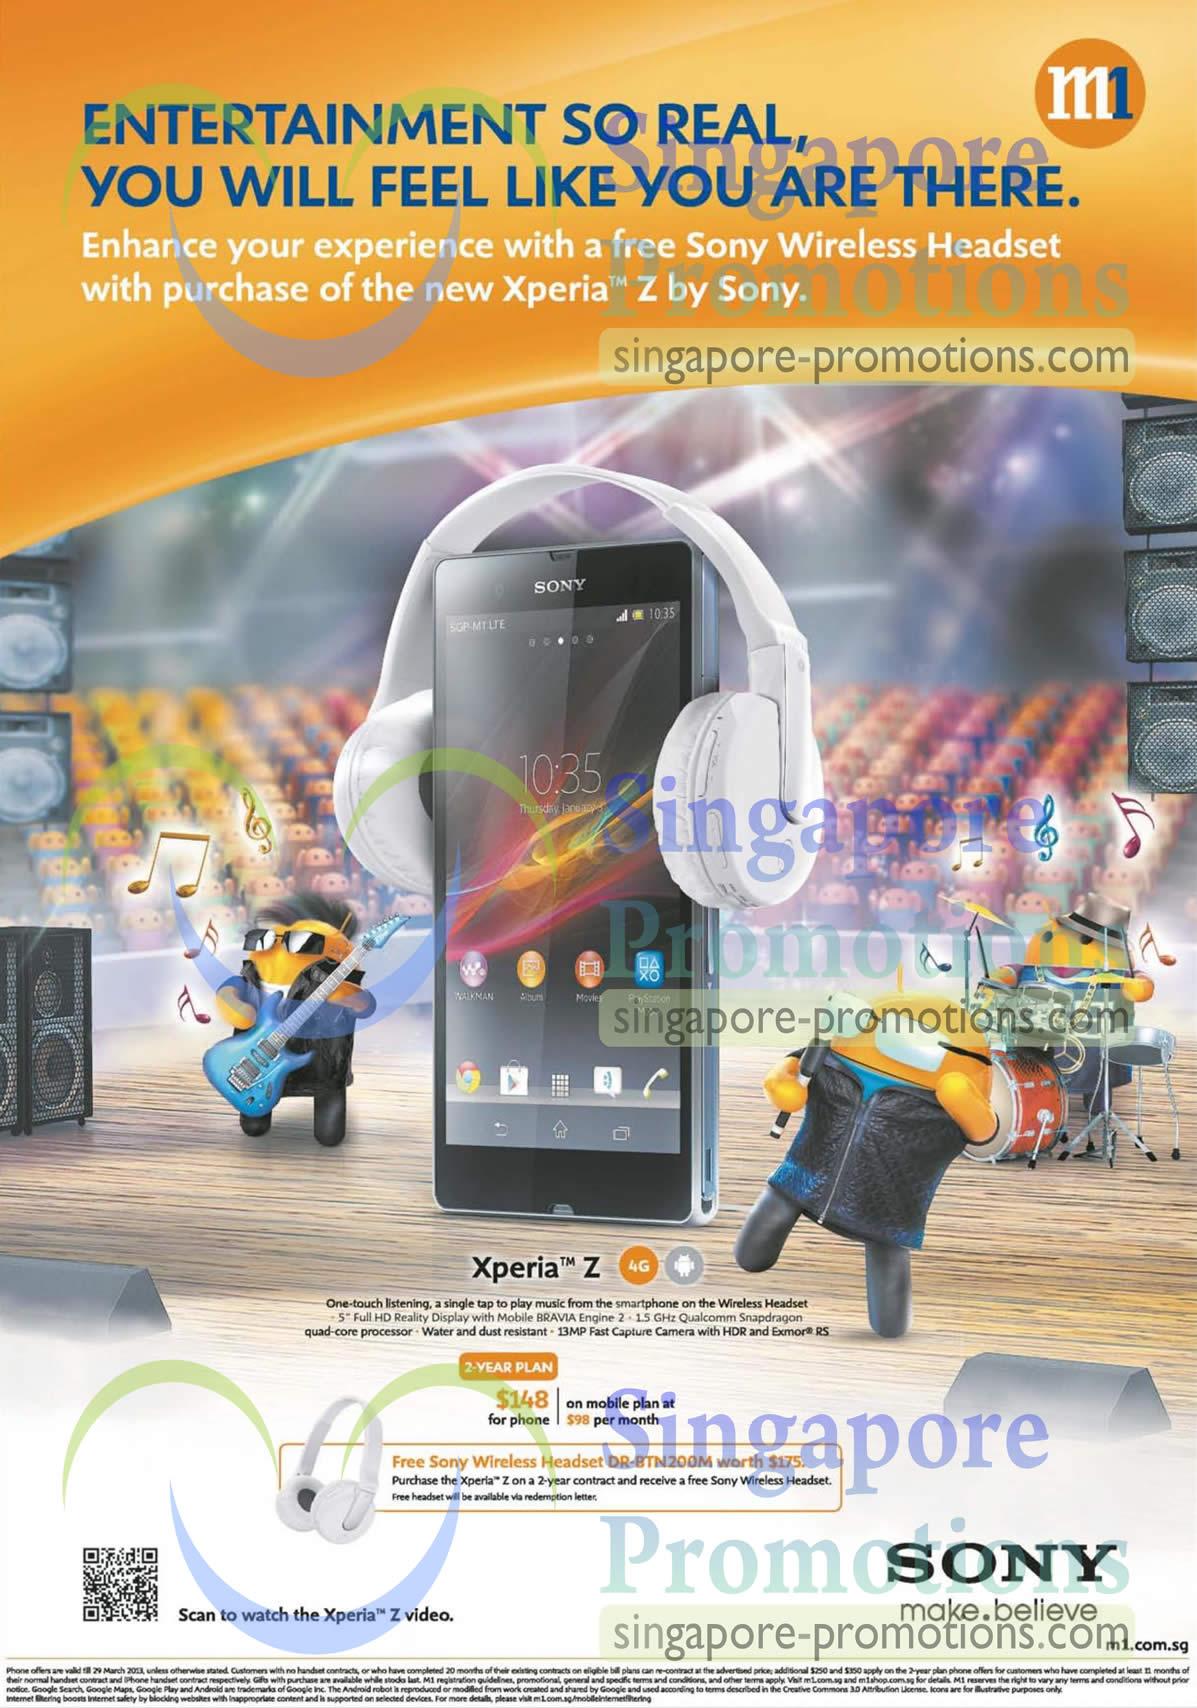 Sony Xperia Z, Free Sony Wireless Headset